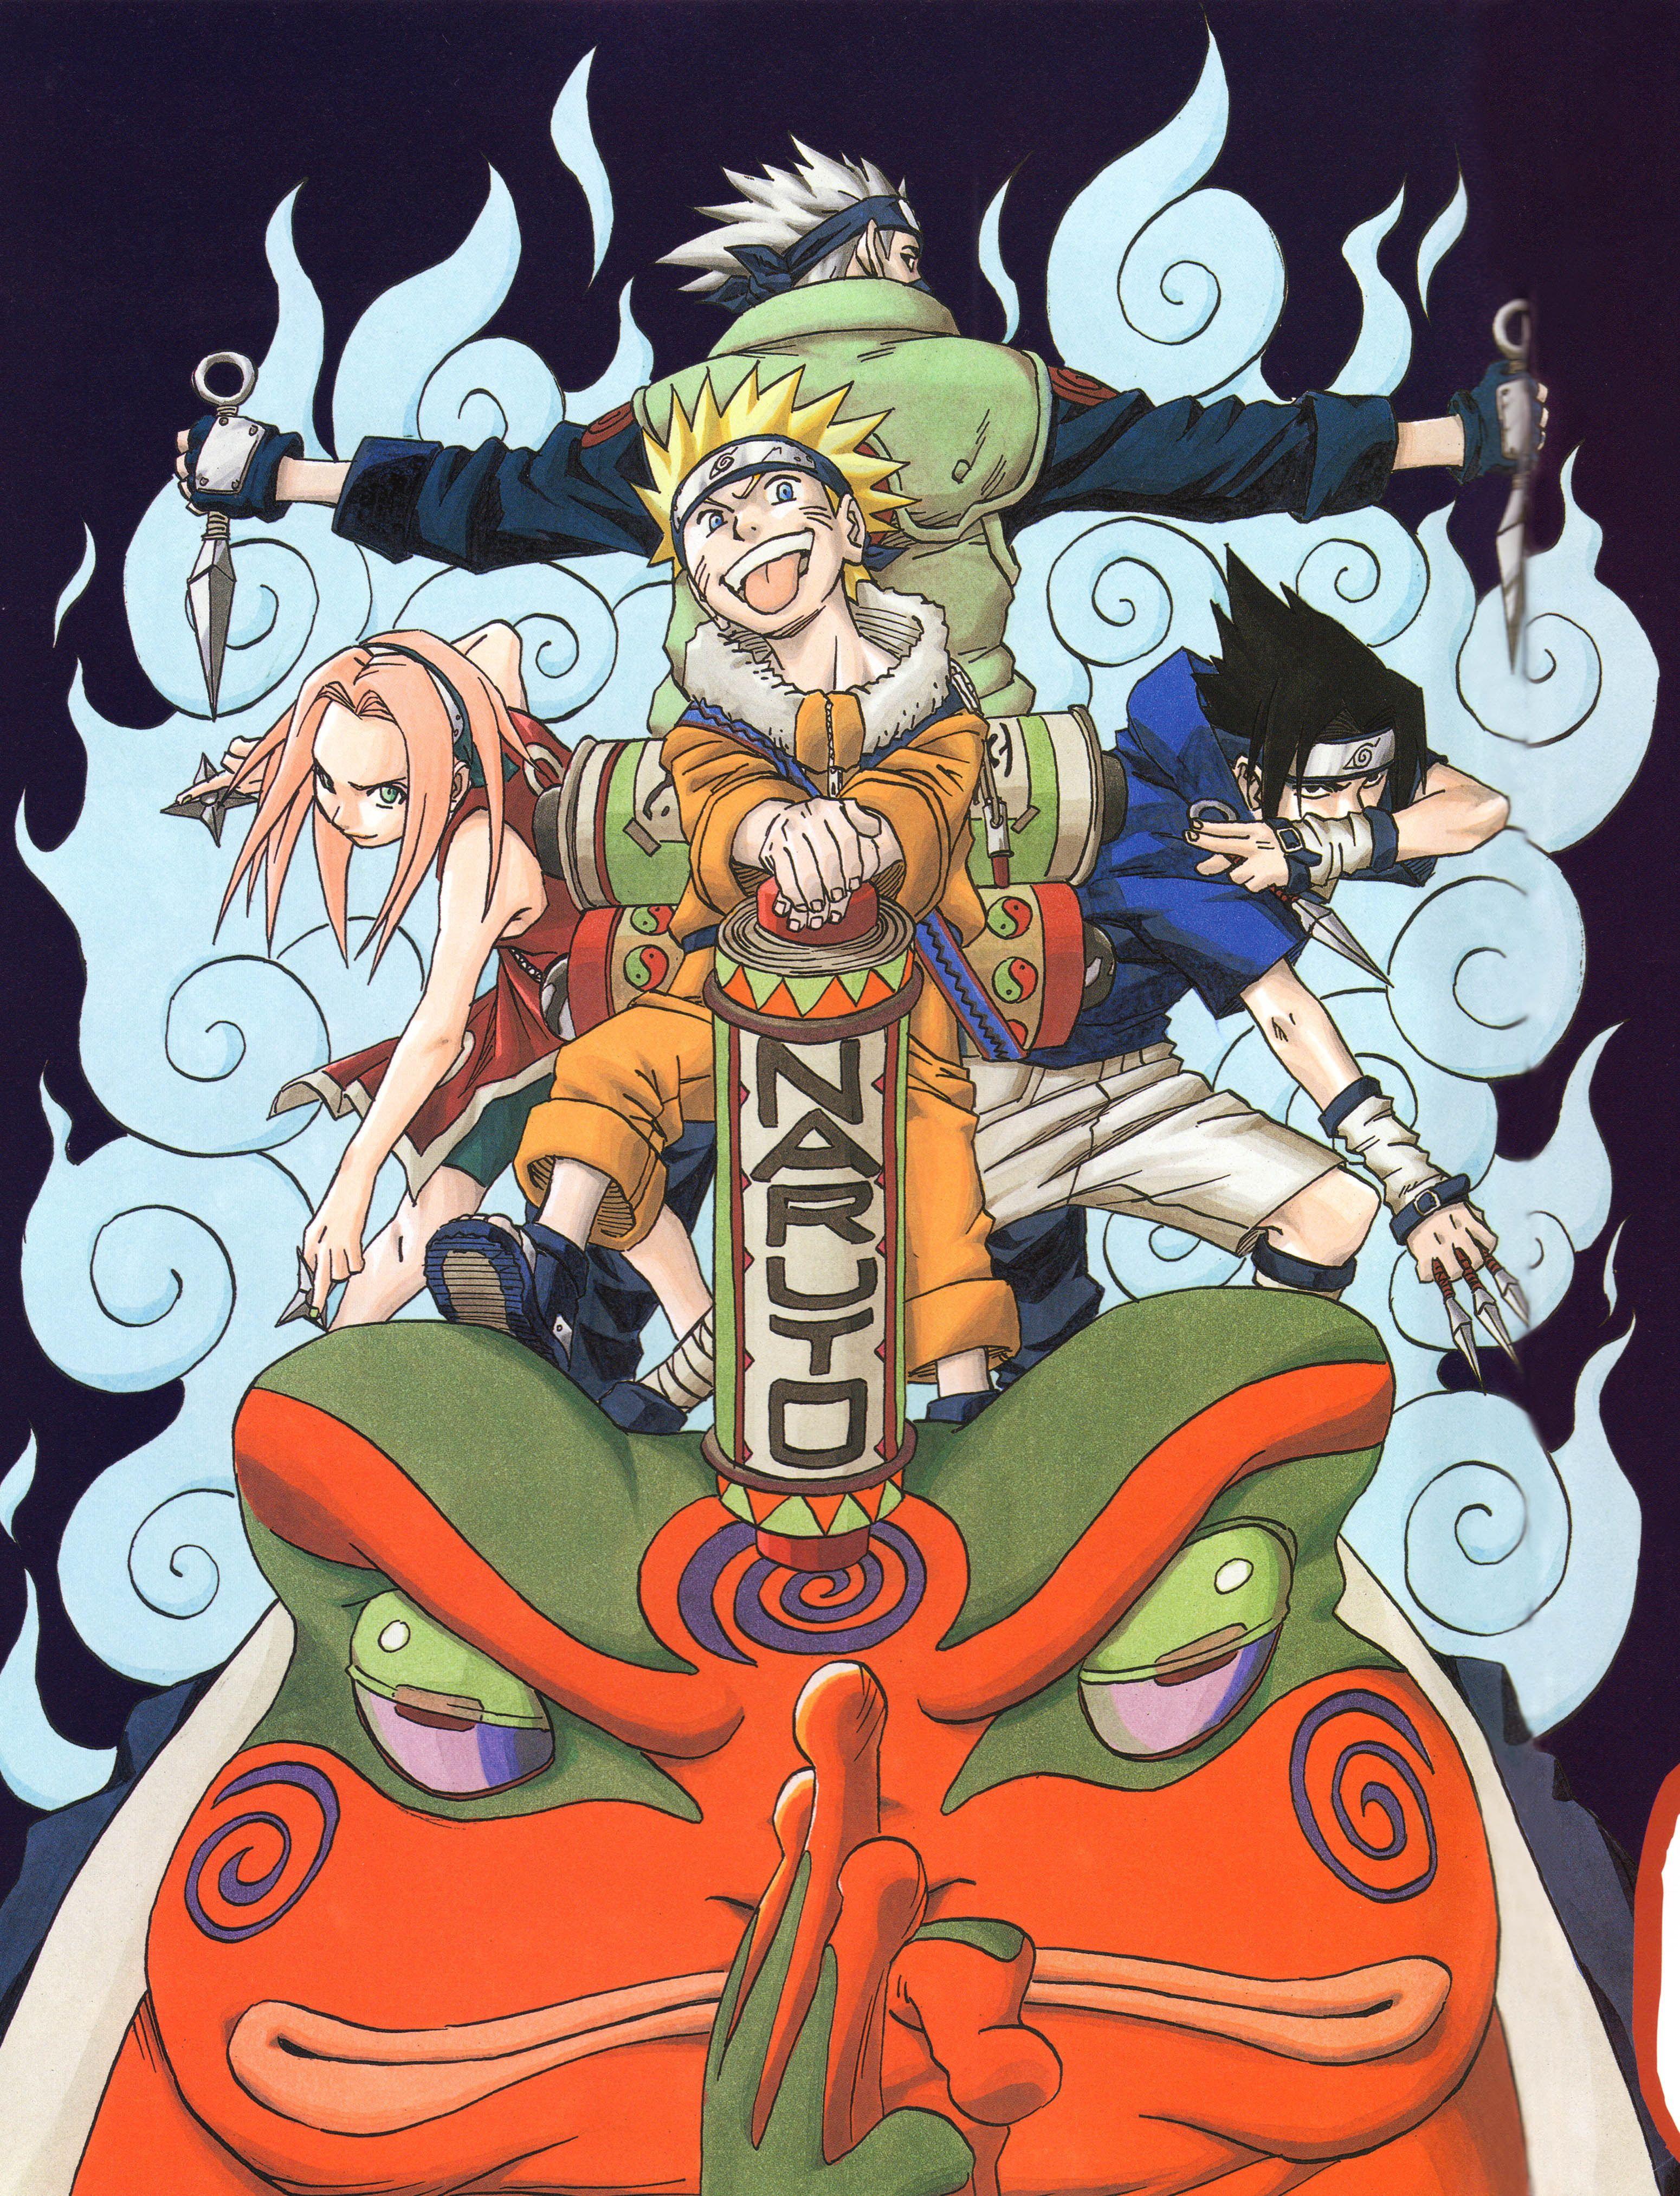 Naruto season 1 wallpaper Naruto Shippuuden Masashi